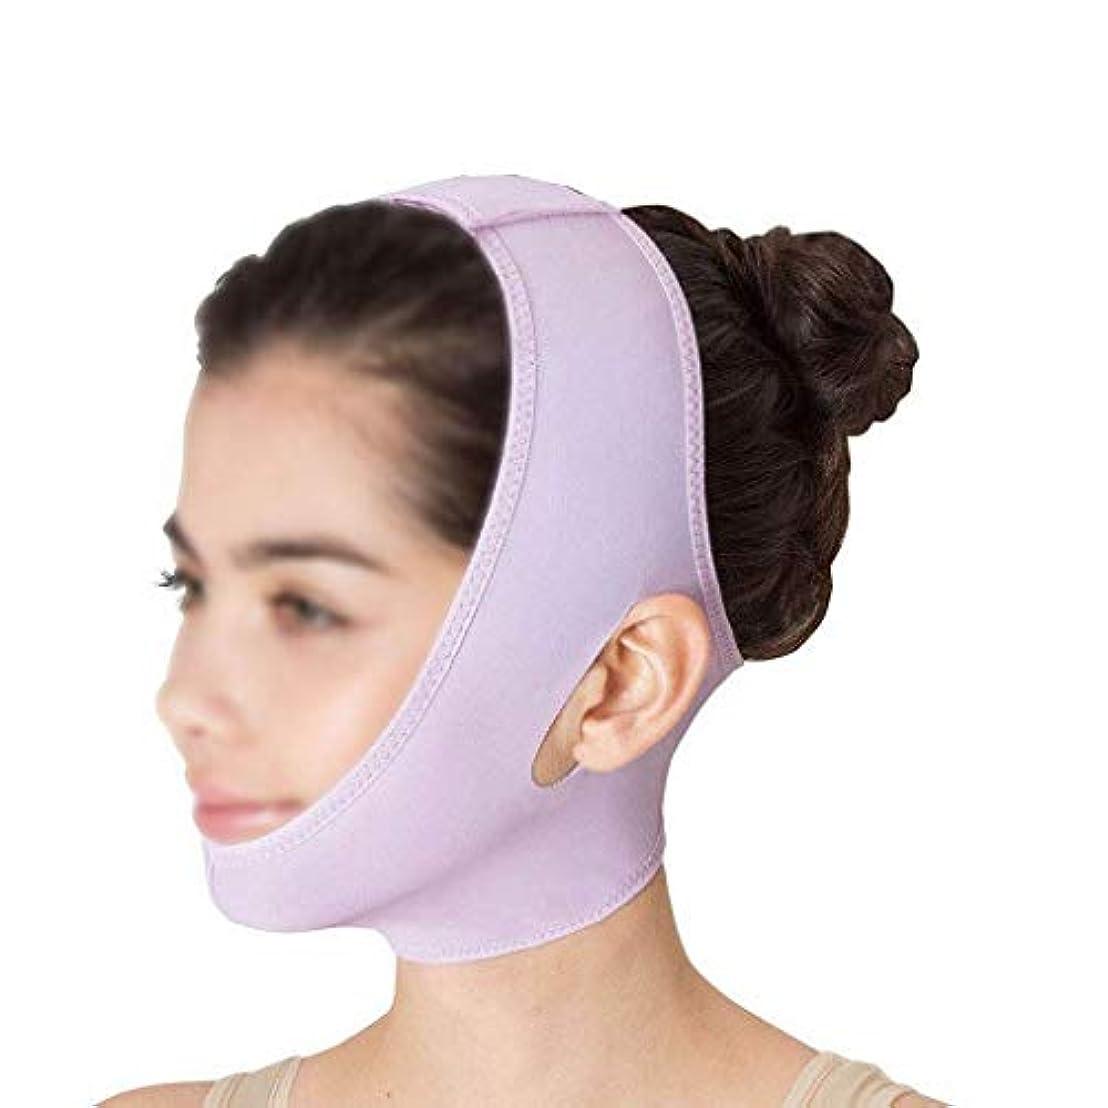 グローブ悪化するアラブ薄いフェイスマスク ビームフェイス、薄いダブルチンでスリーピングマスクの下の頬を防ぎ、小さなVフェイスを作成